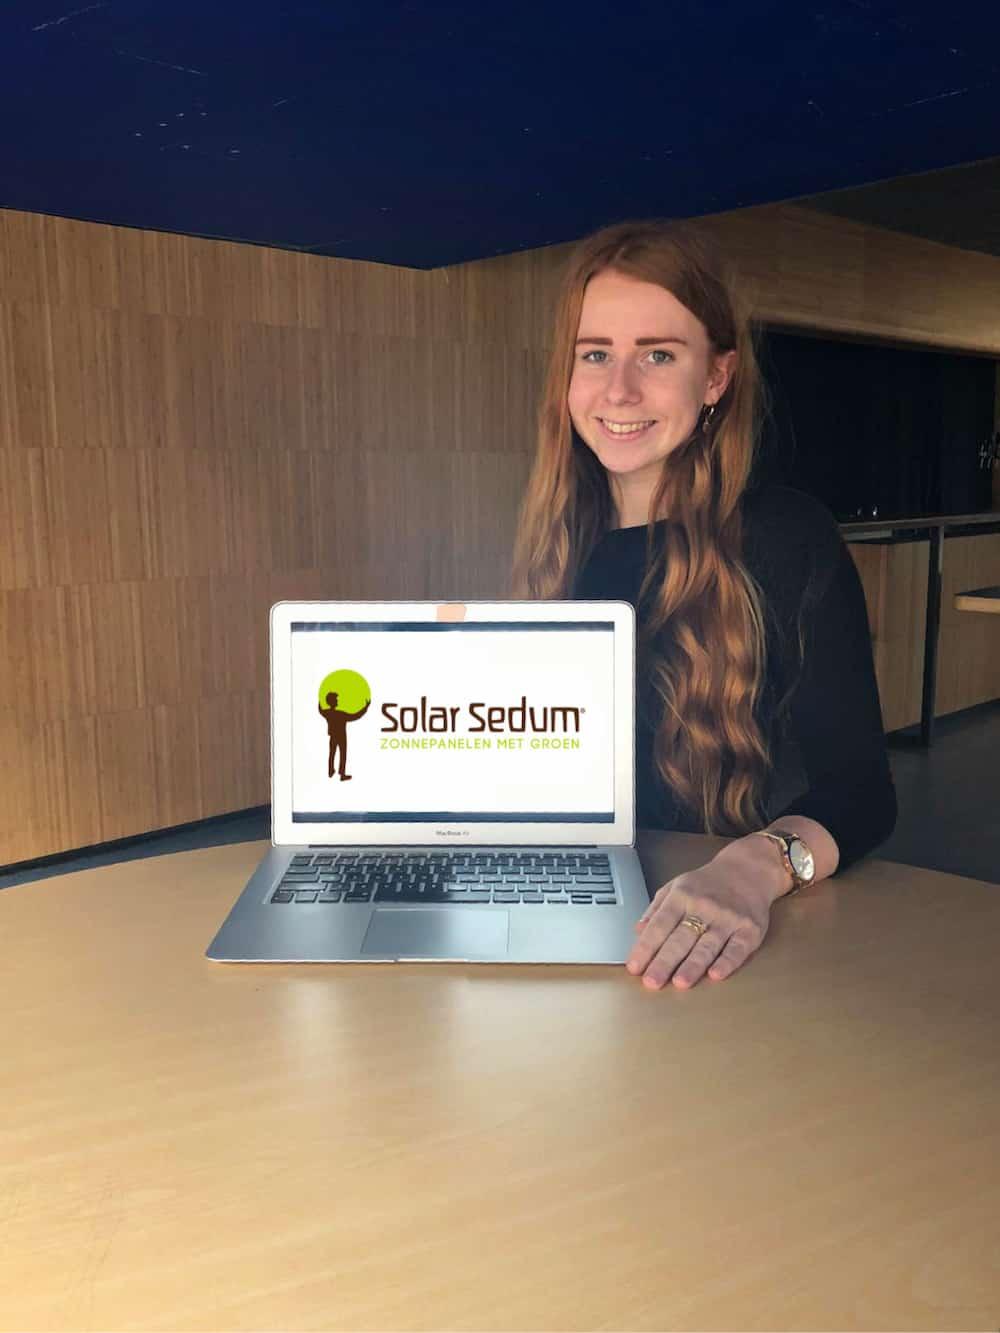 Een medewerker van Solar Sedum achter een latop met het logo van Solar Sedum er op